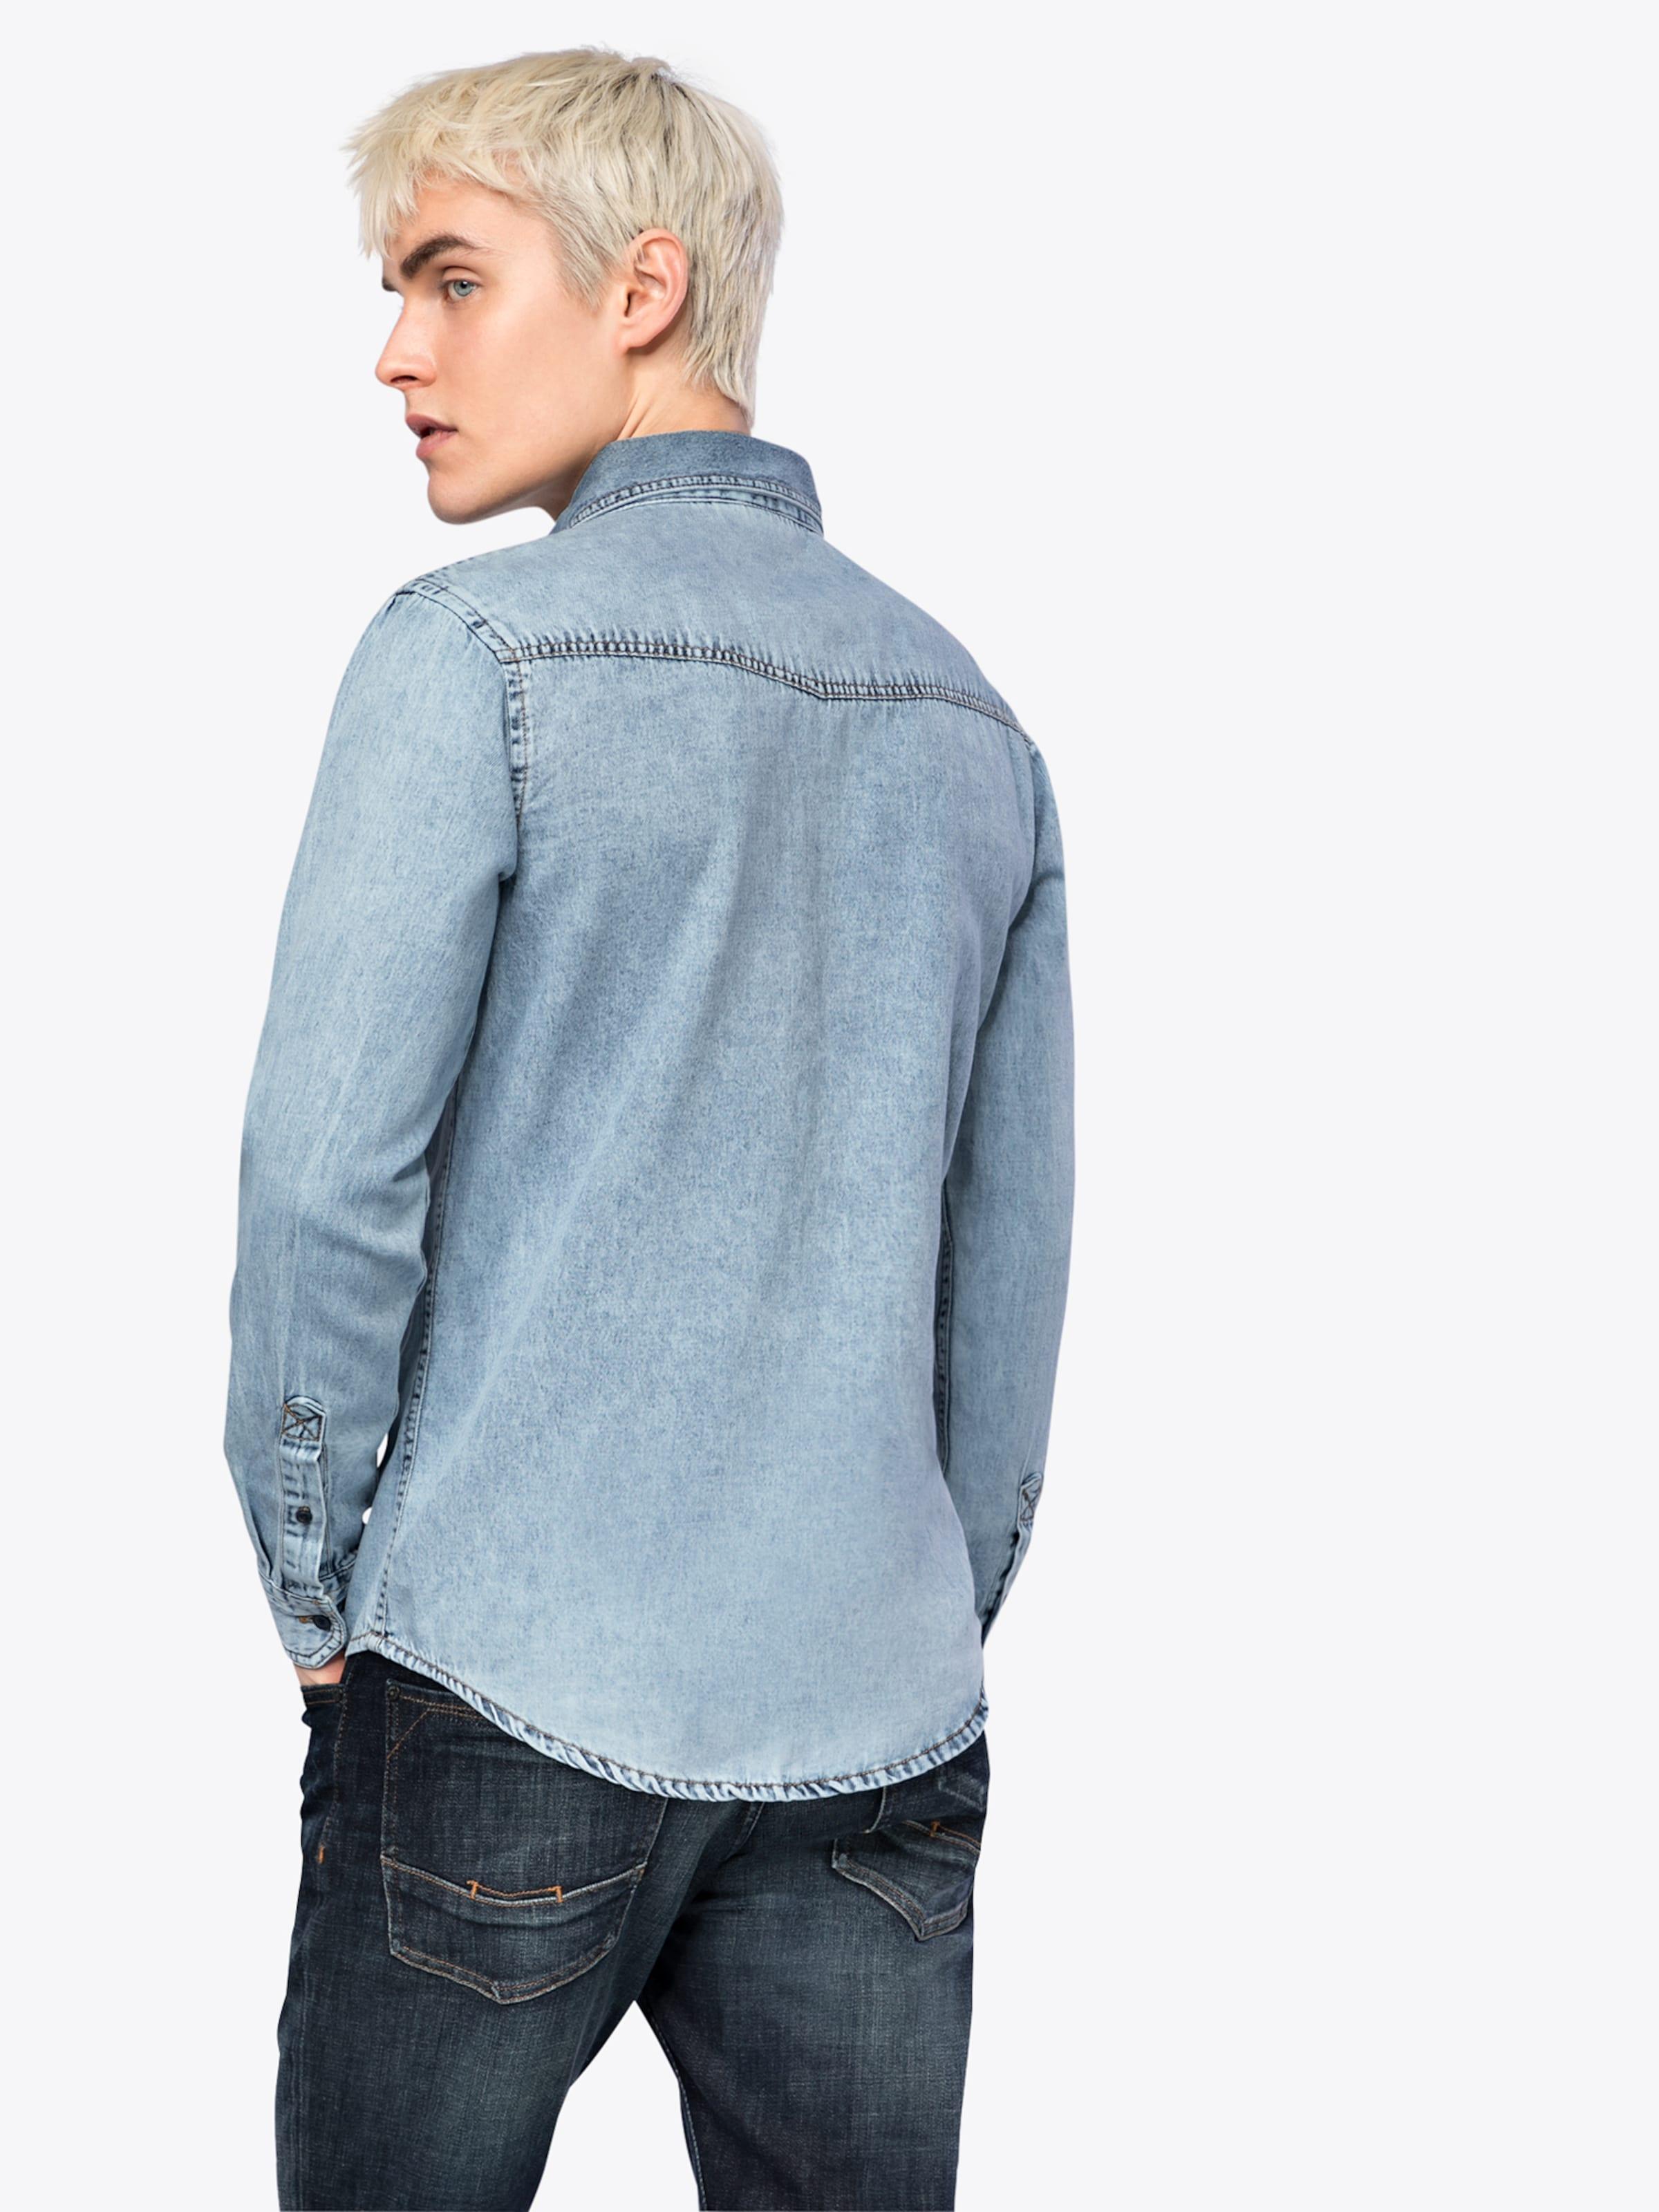 Günstig Kaufen Neueste Urban Classics Hemd 'Denim Pocket Shirt' Freiheit Ausgezeichnet Günstig Kaufen 100% Authentisch z9vrw